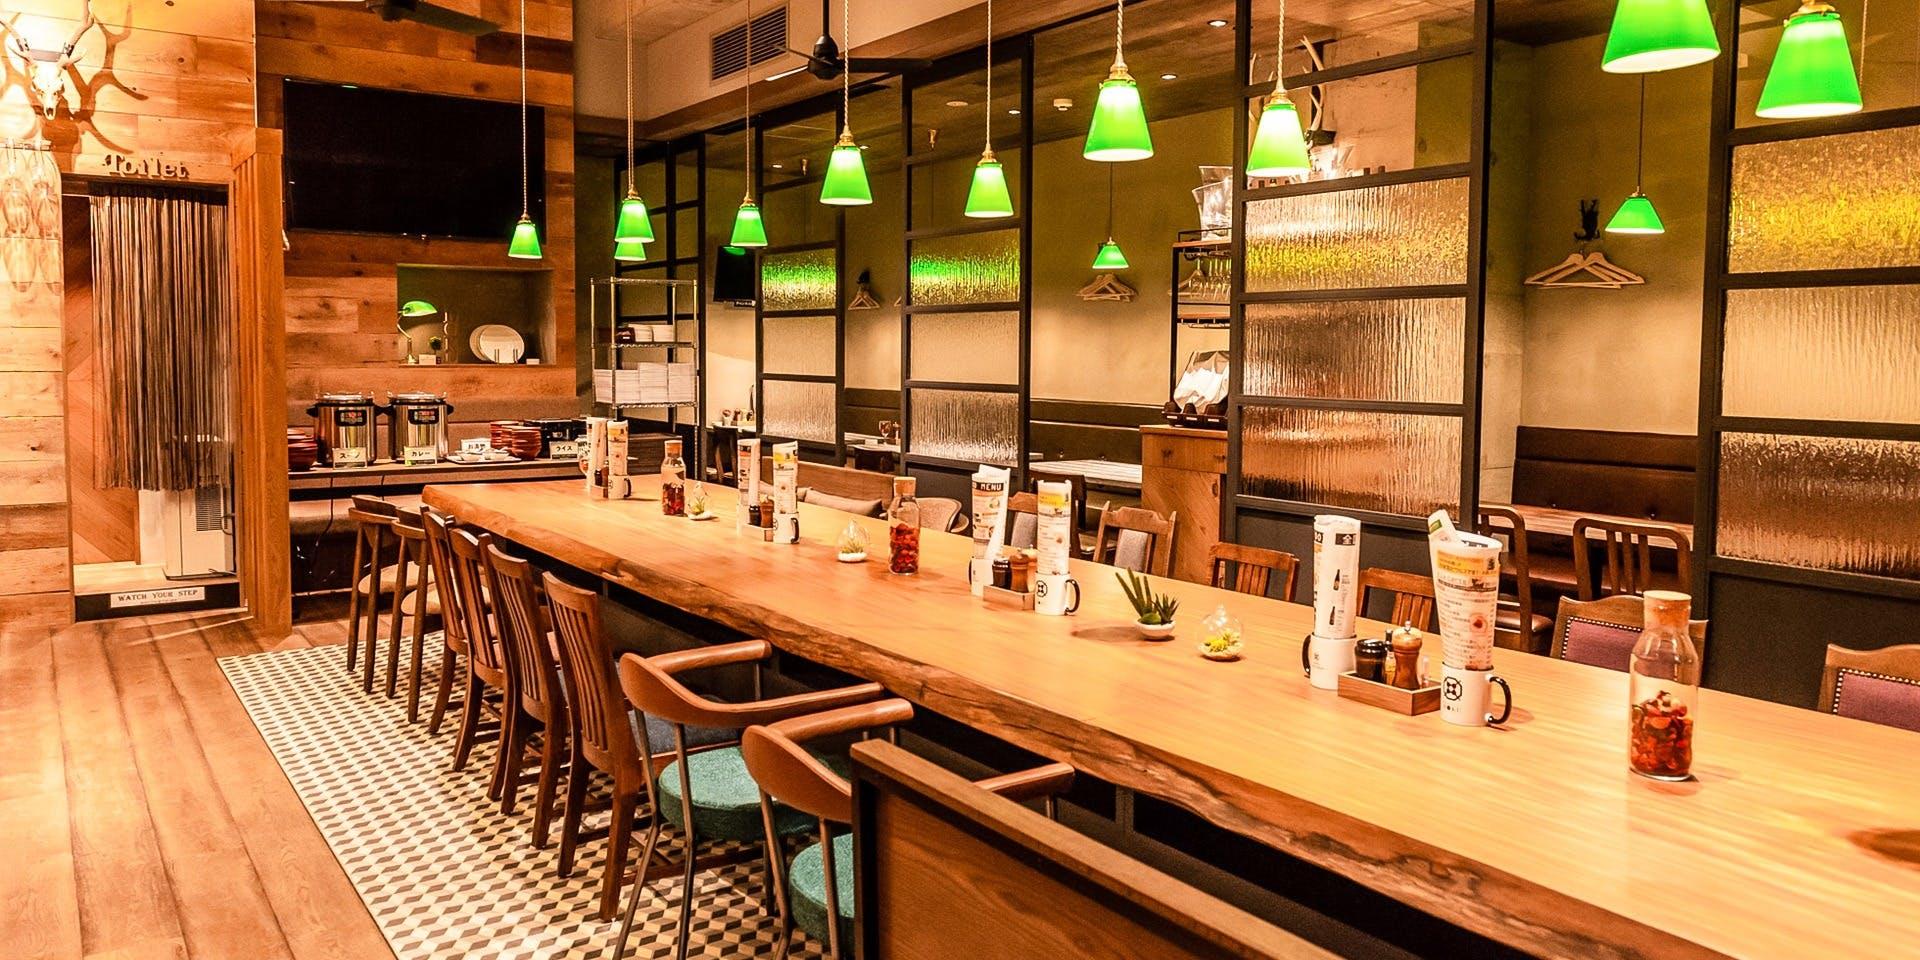 記念日におすすめのレストラン・燻製 鉄板焼 クラフトビール MOKU 新橋店の写真2